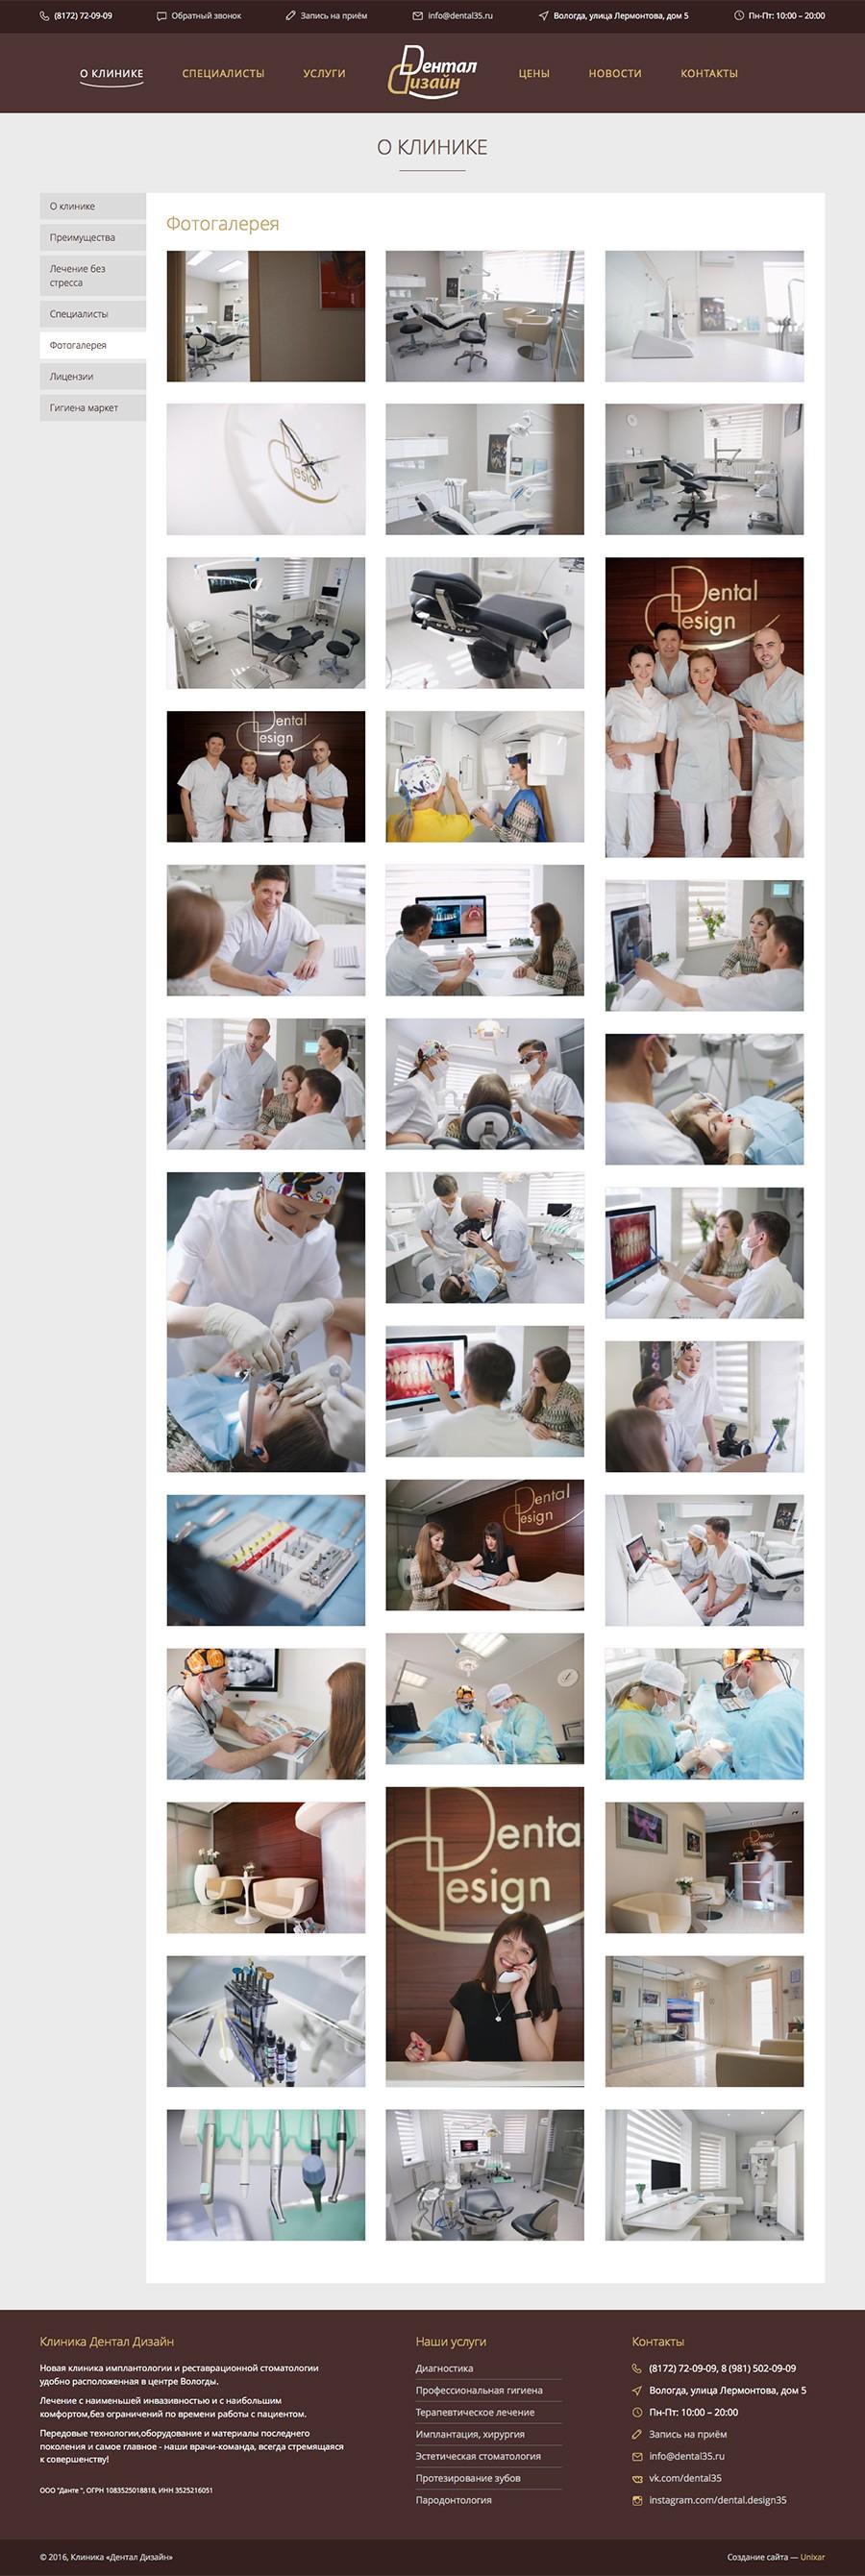 Фотогалерея клиники